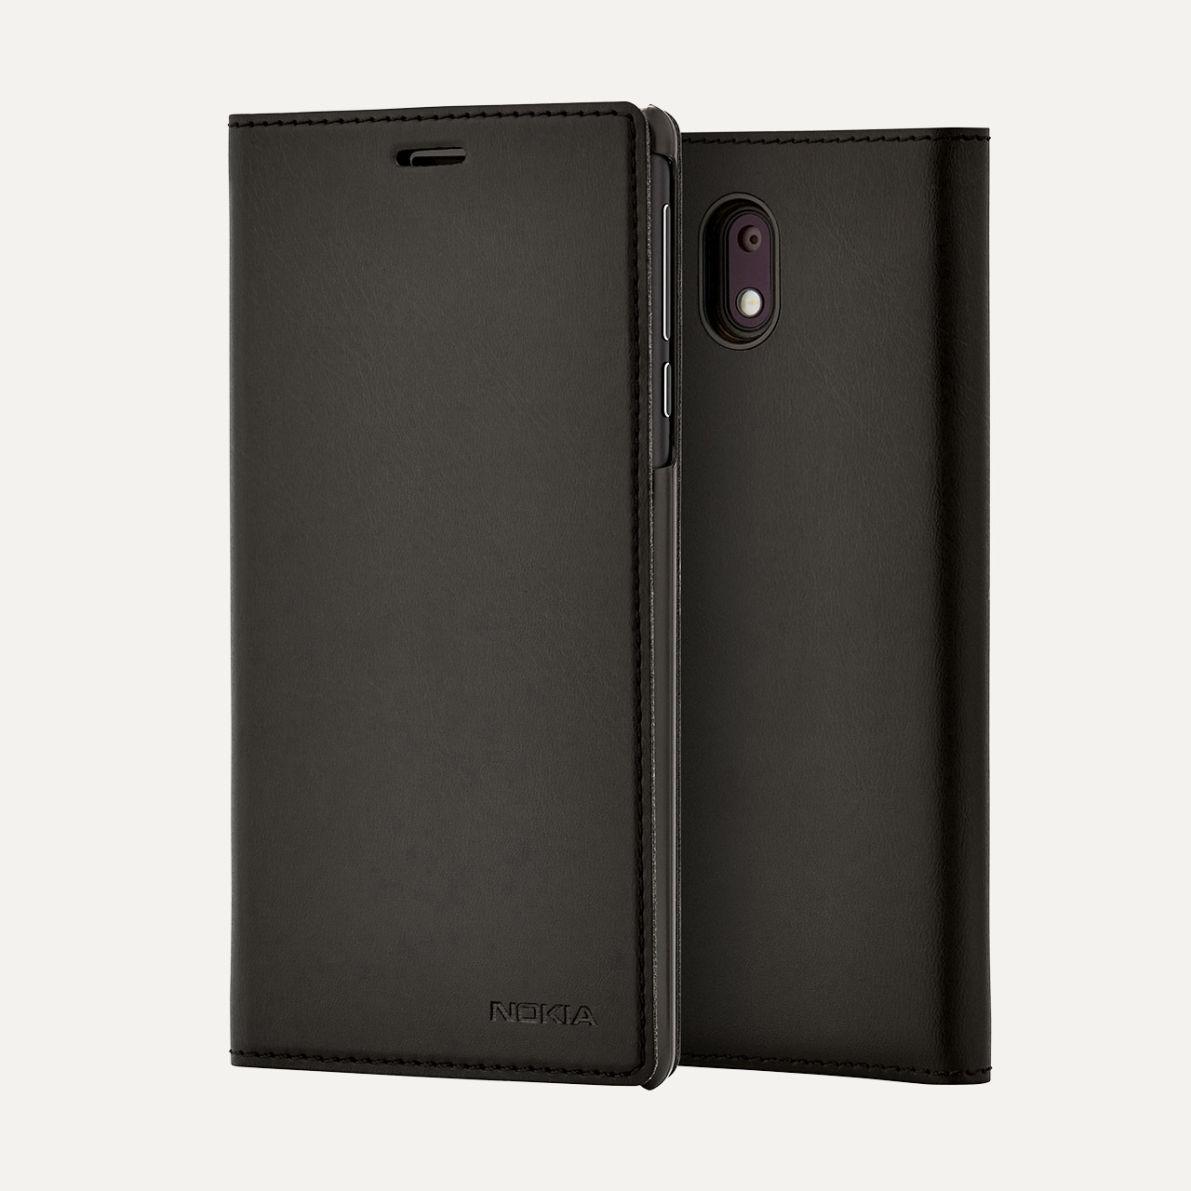 Nokia CC-303 Slim Flip Cover pro Nokia 3, Black